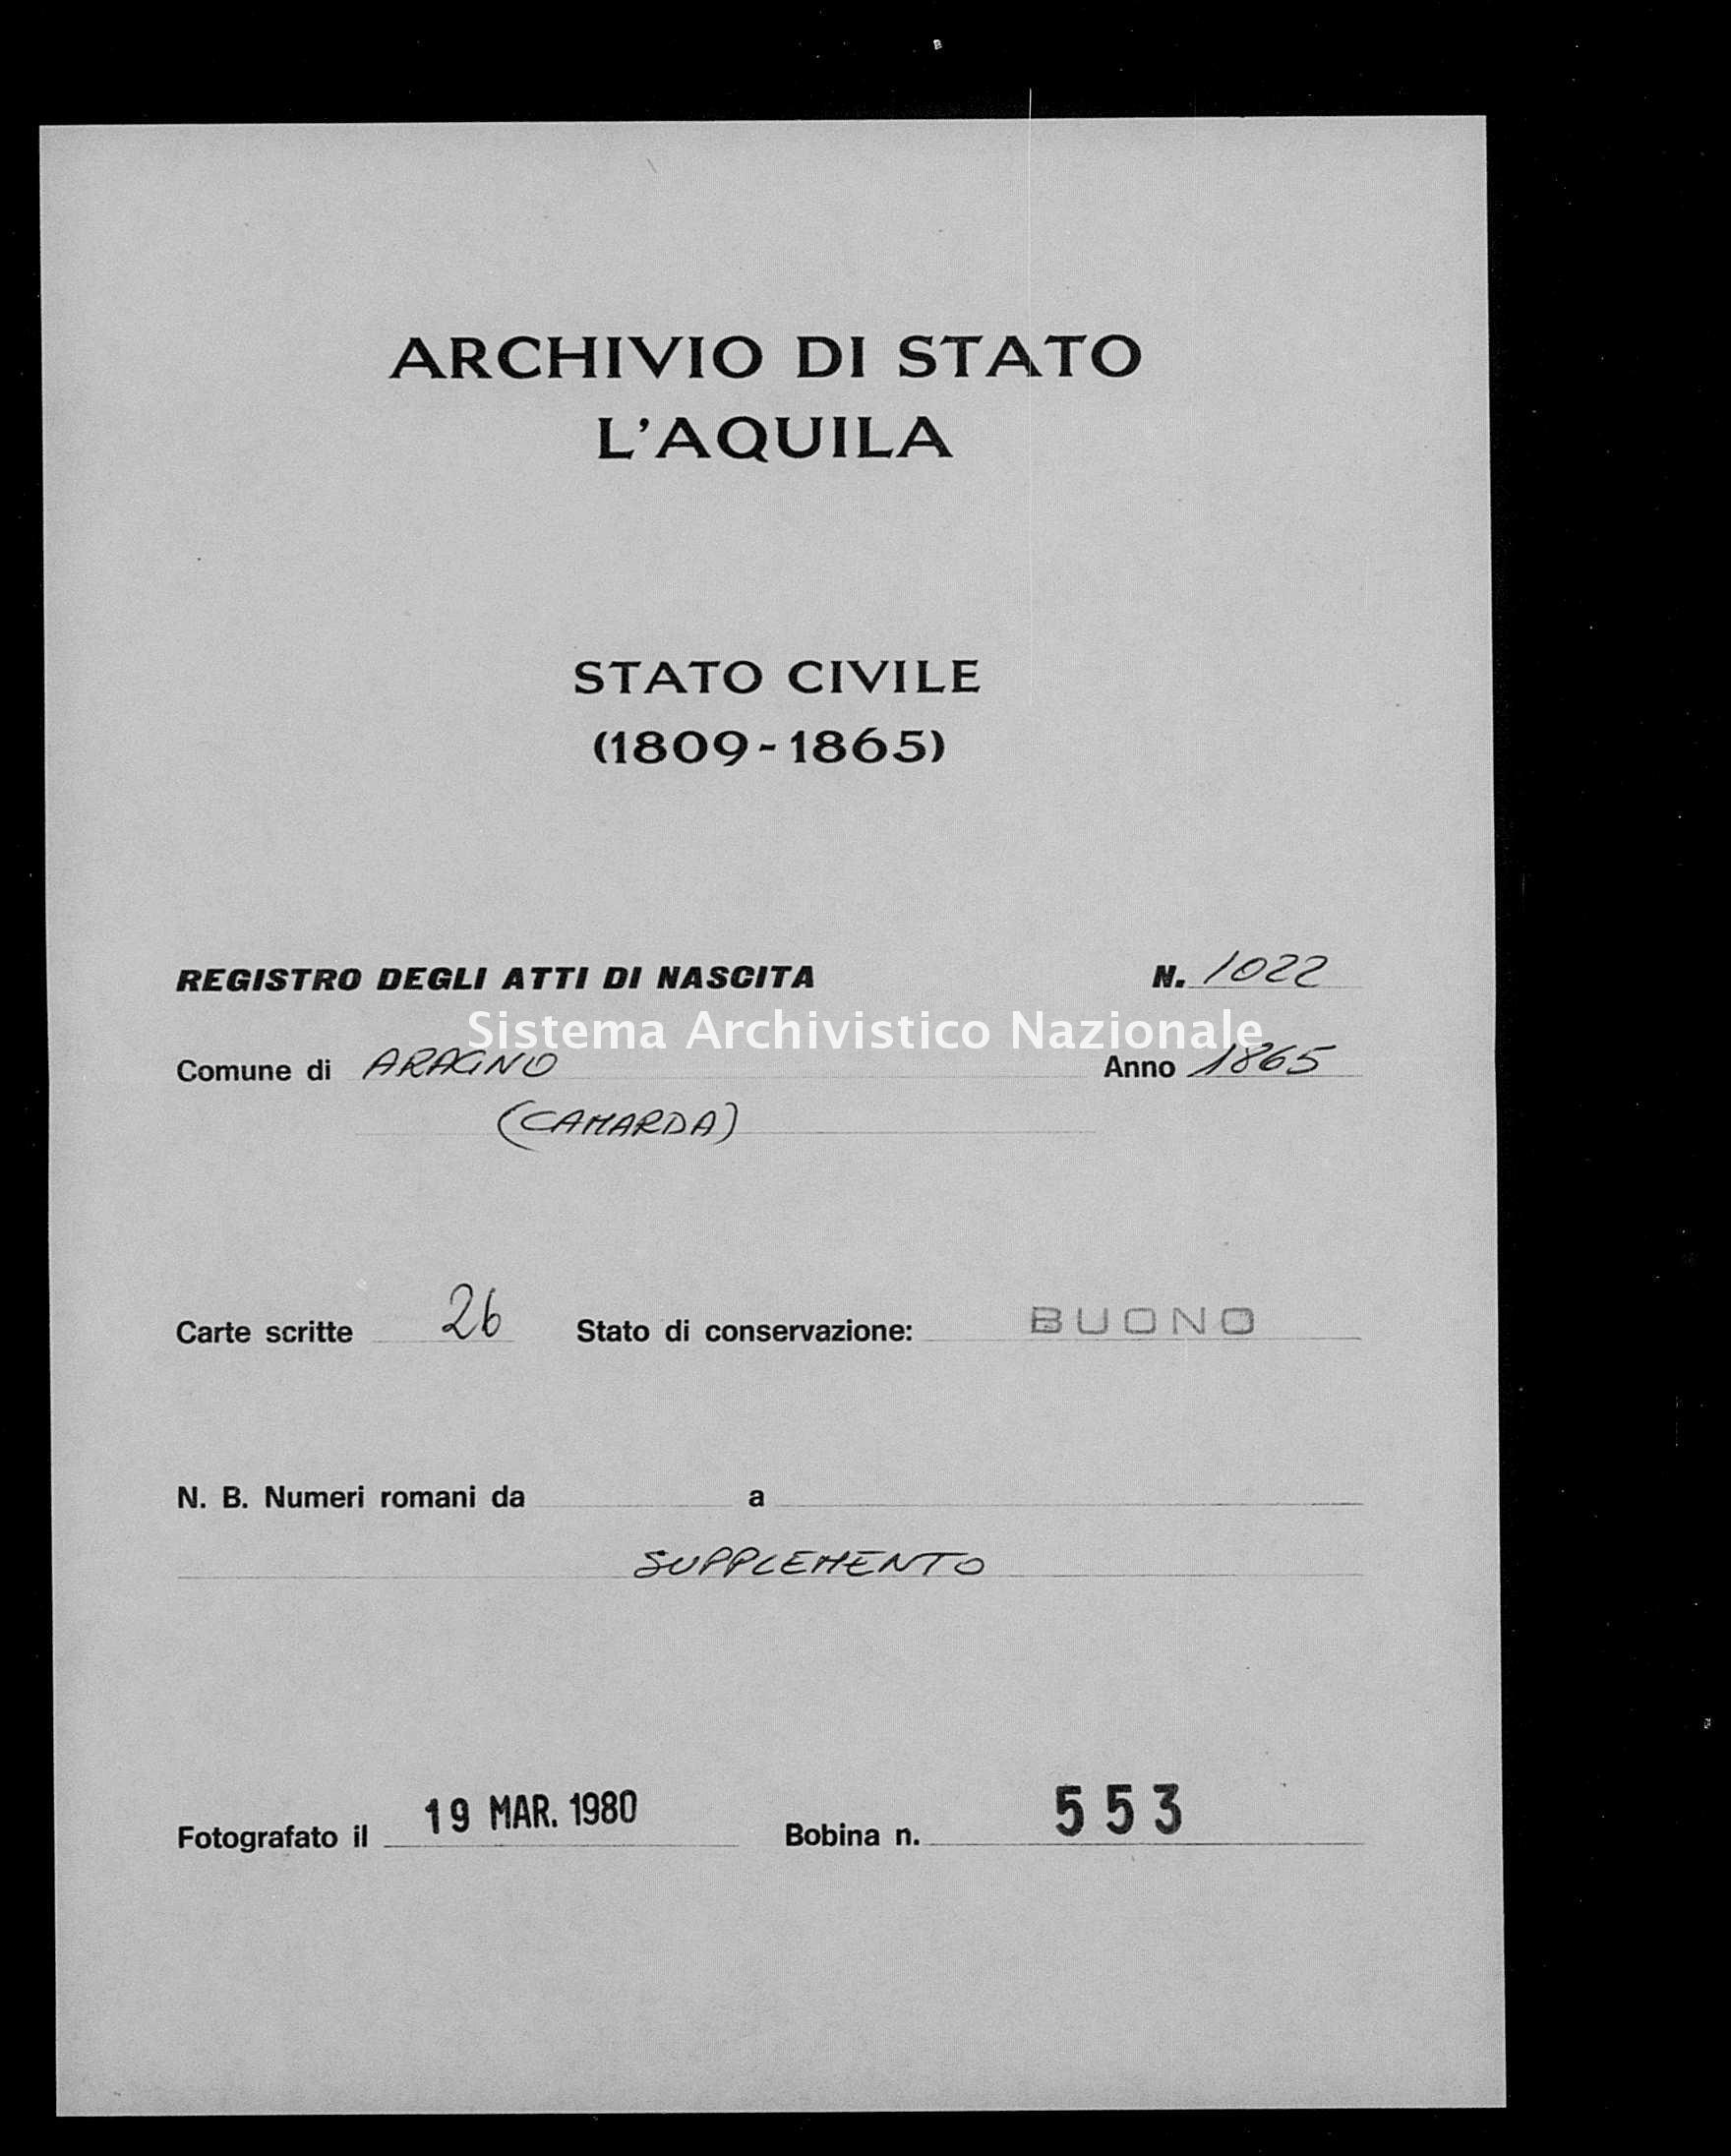 Archivio di stato di L'aquila - Stato civile italiano - Aragno - Nati, battesimi - 1865 - 1022 -